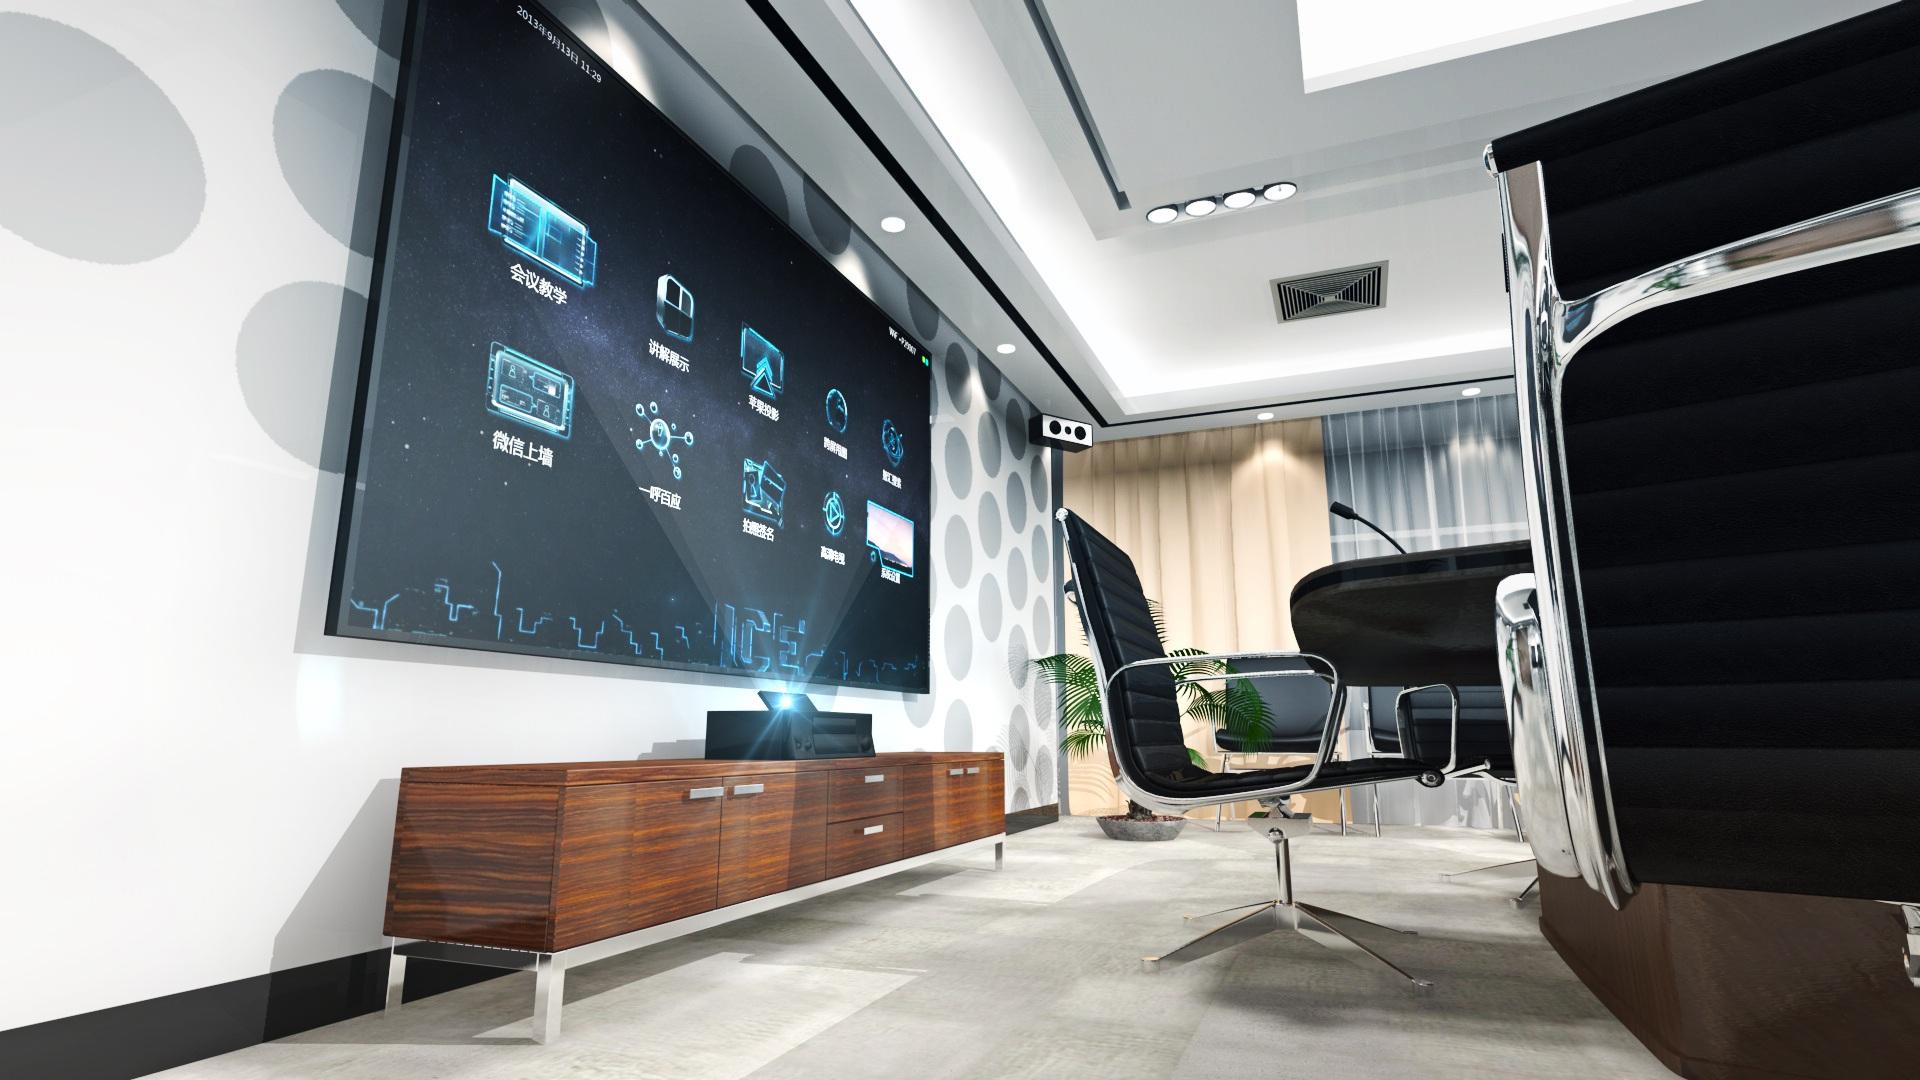 Televisores modernos y grandes pantallas